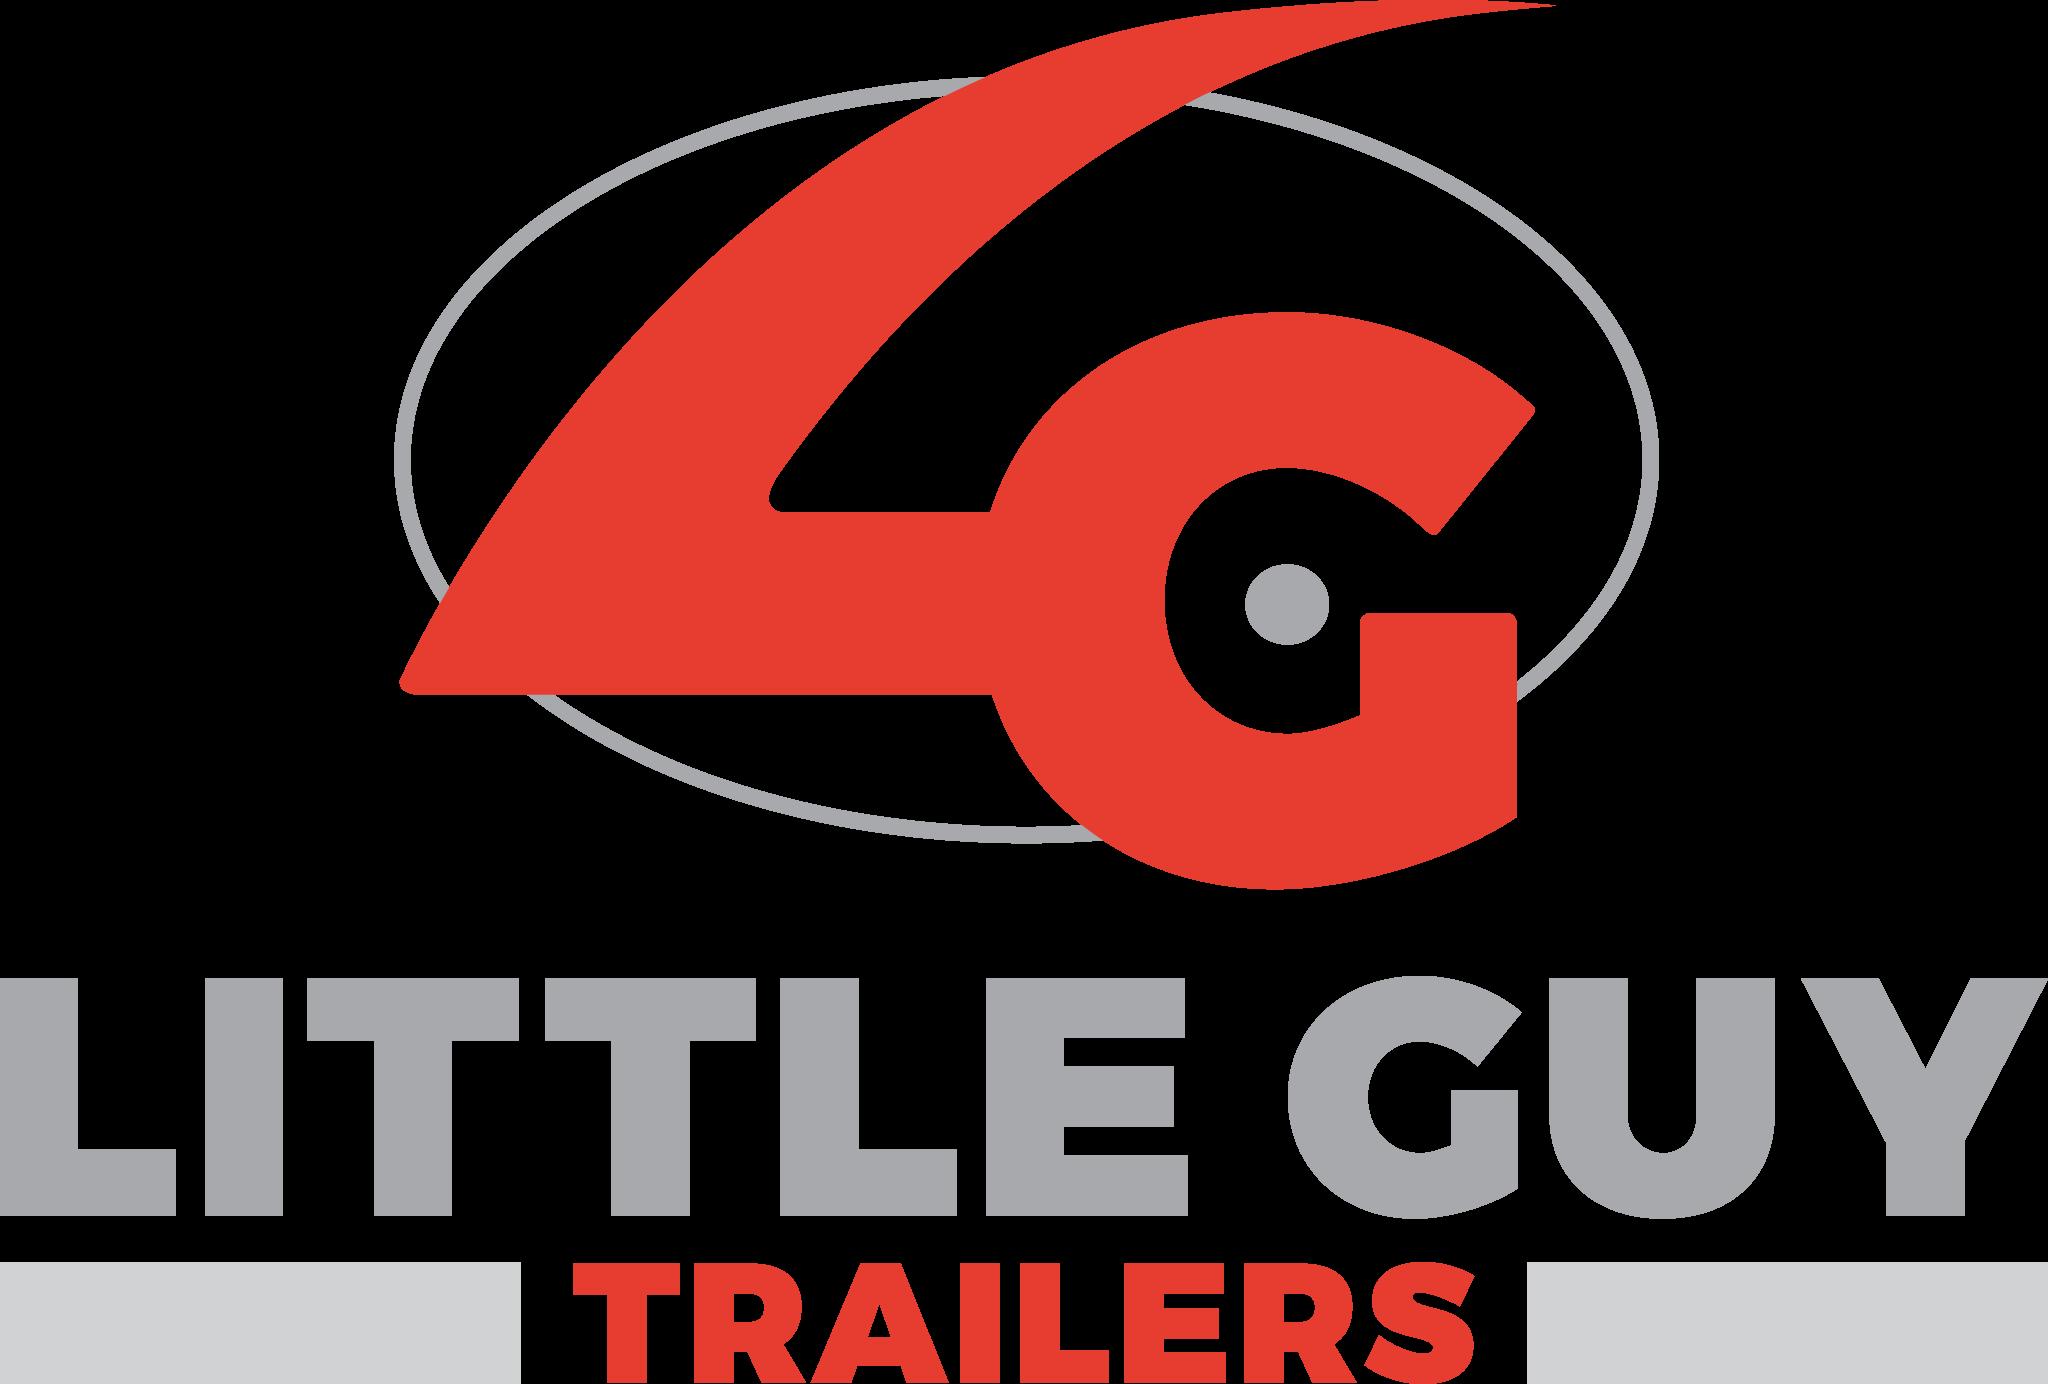 LITTLE GUY MAX Travel Trailer Logo